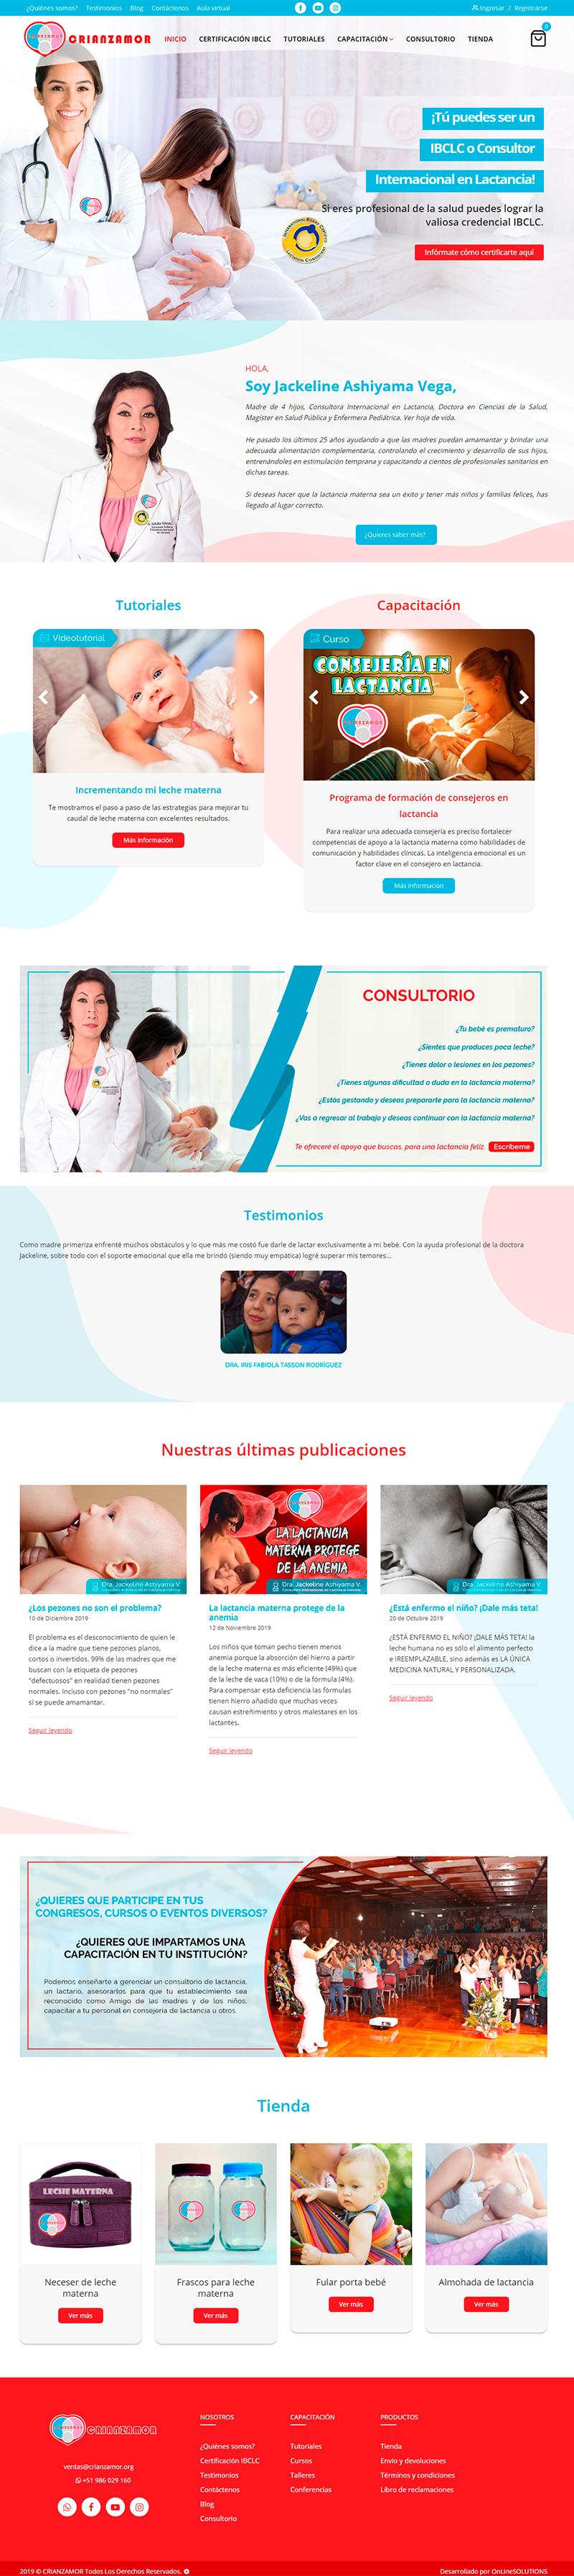 CRIANZAAMOR - Página web